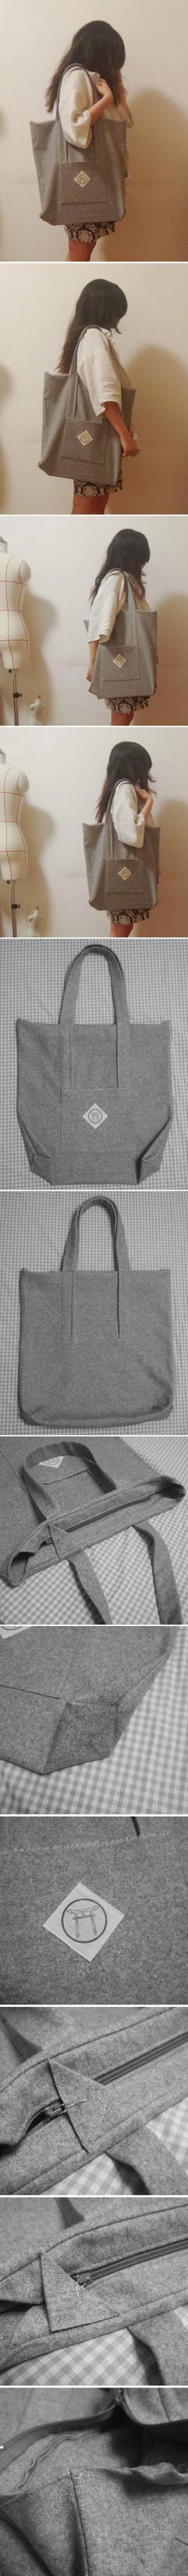 shoulder bag by ASingleGiraffe